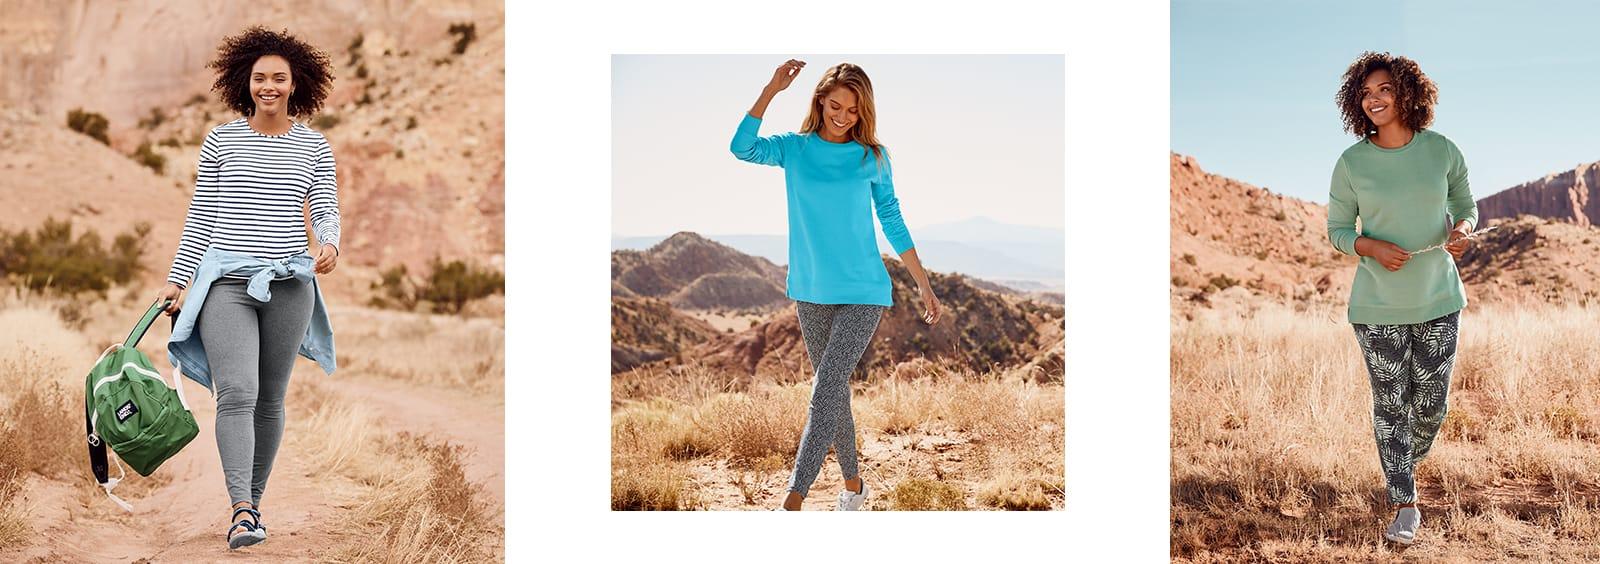 Best Plus Size Workout Clothes | Lands' End